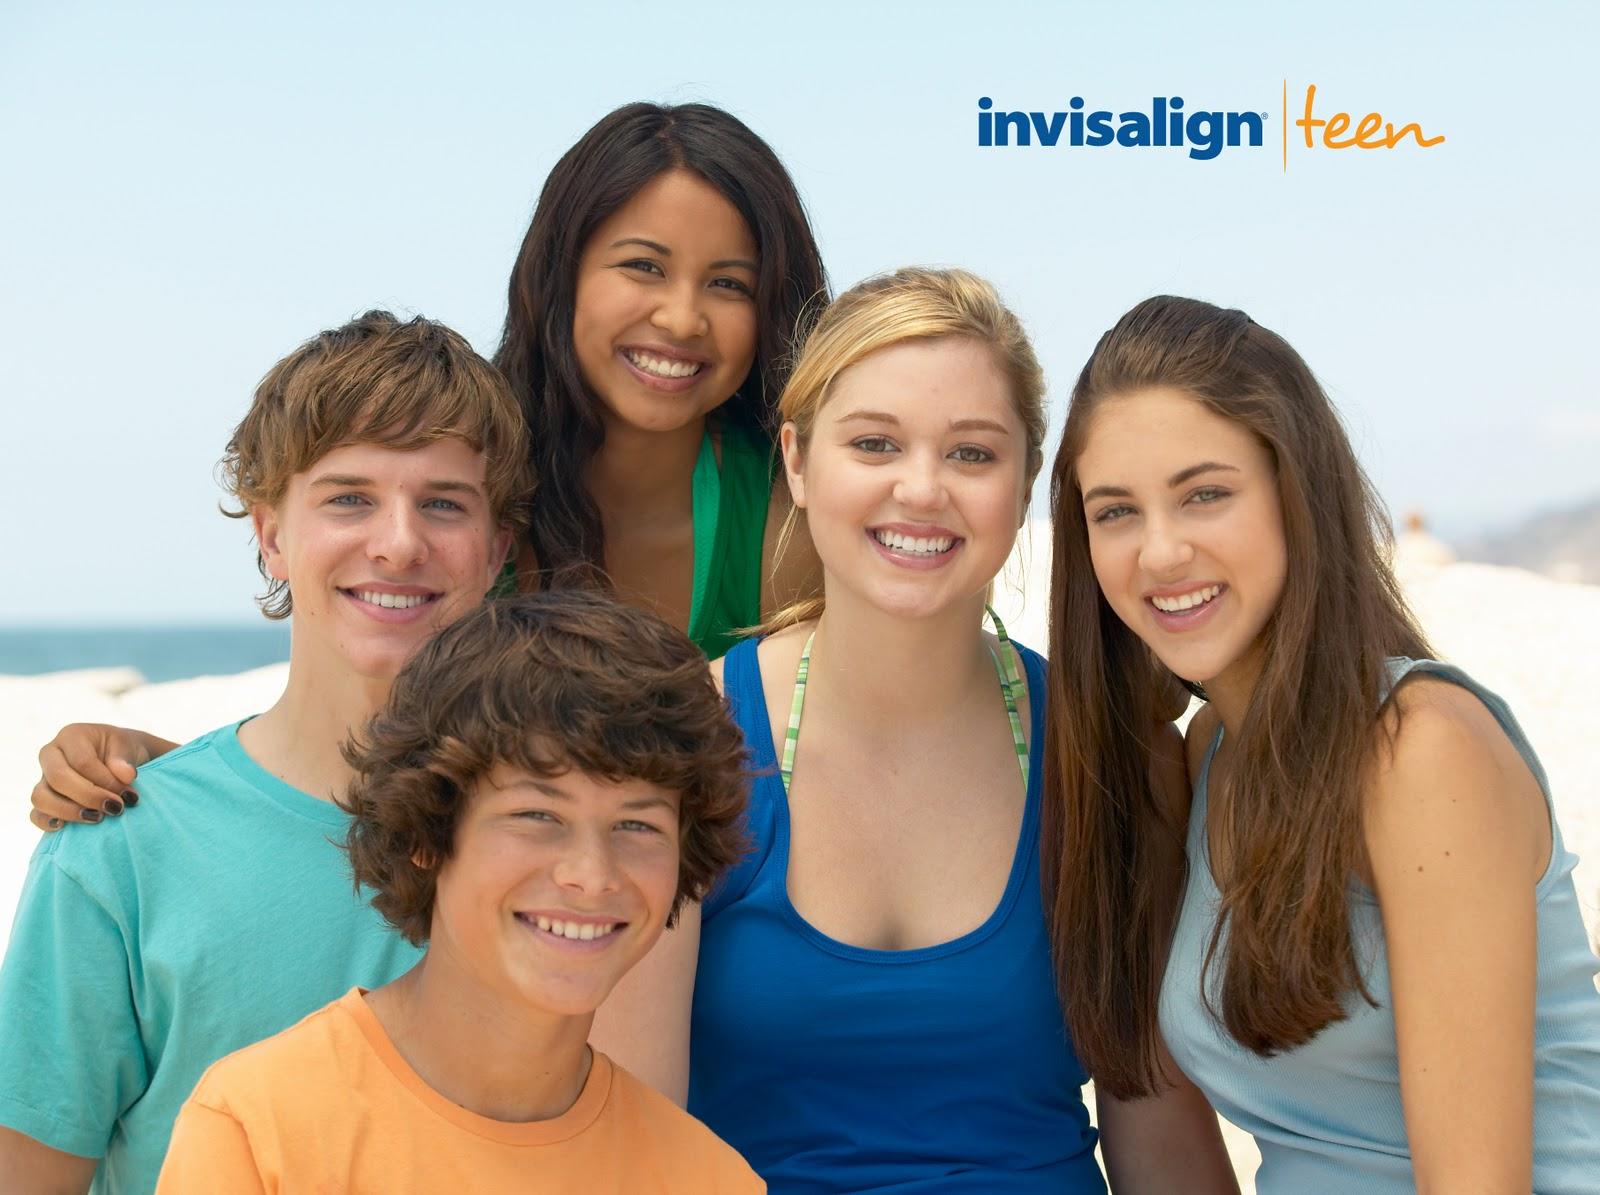 Invisalign para Adolescentes Toledo